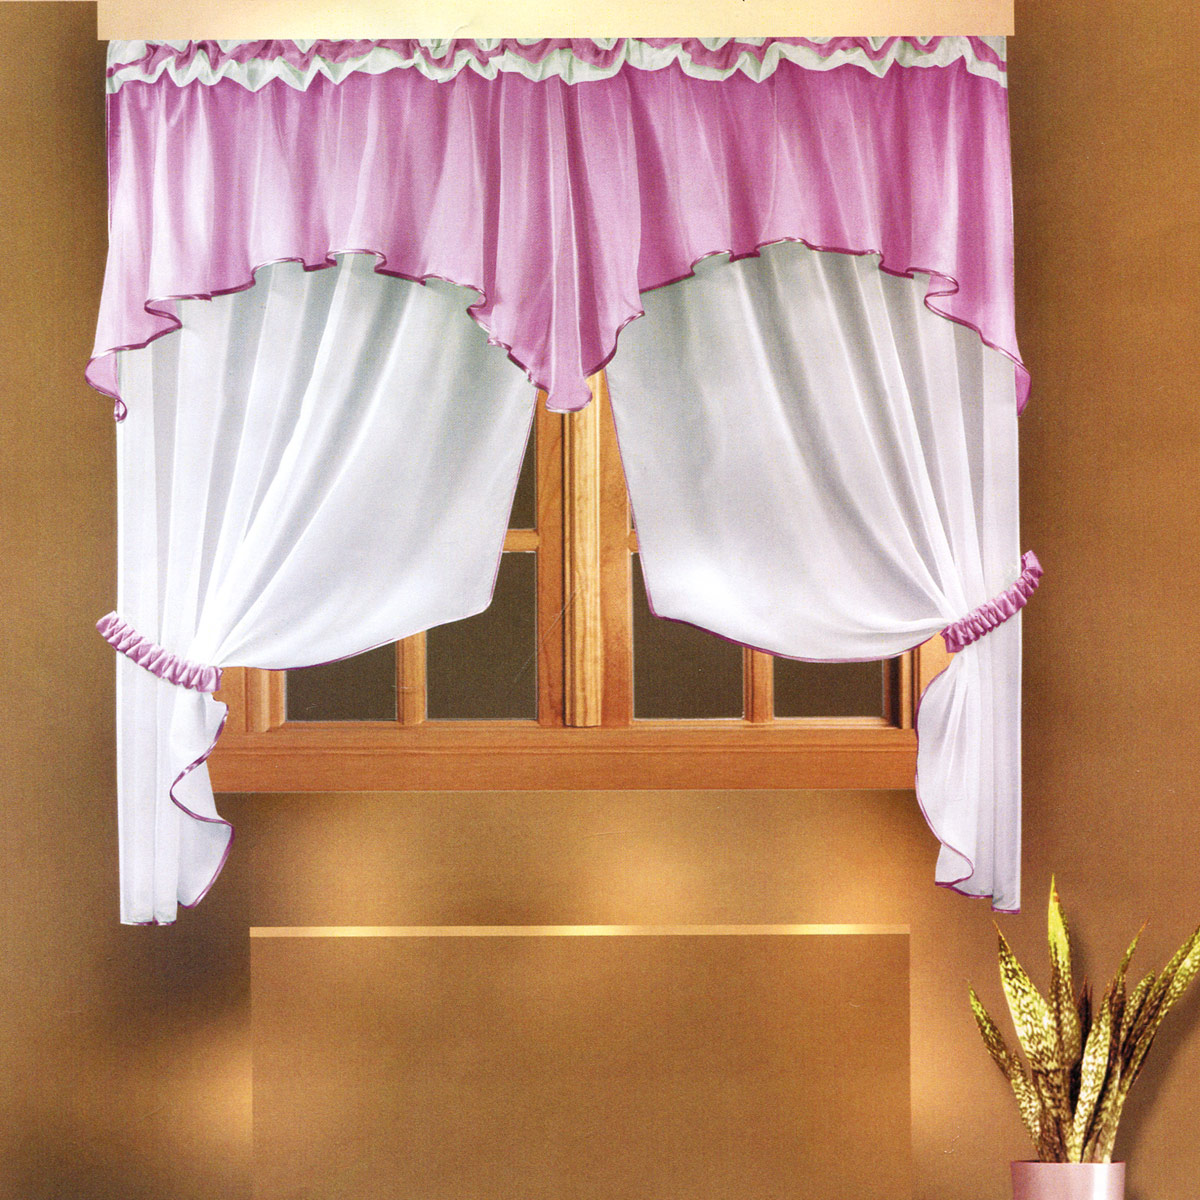 Комплект штор Zlata Korunka, на ленте, цвет: сиреневый, высота 160 см. Б026SVC-300Роскошный комплект штор Zlata Korunka, выполненный из полиэстера, великолепно украсит любое окно. Комплект состоит из ламбрекена и тюля. Воздушная ткань и приятная, приглушенная гамма привлекут к себе внимание и органично впишутся в интерьер помещения. Этот комплект будет долгое время радовать вас и вашу семью! Шторы крепятся на карниз при помощи ленты, которая поможет красиво и равномерно задрапировать верх. Тюль можно зафиксировать в одном положении с помощью двух подхватов, которые также можно задрапировать.